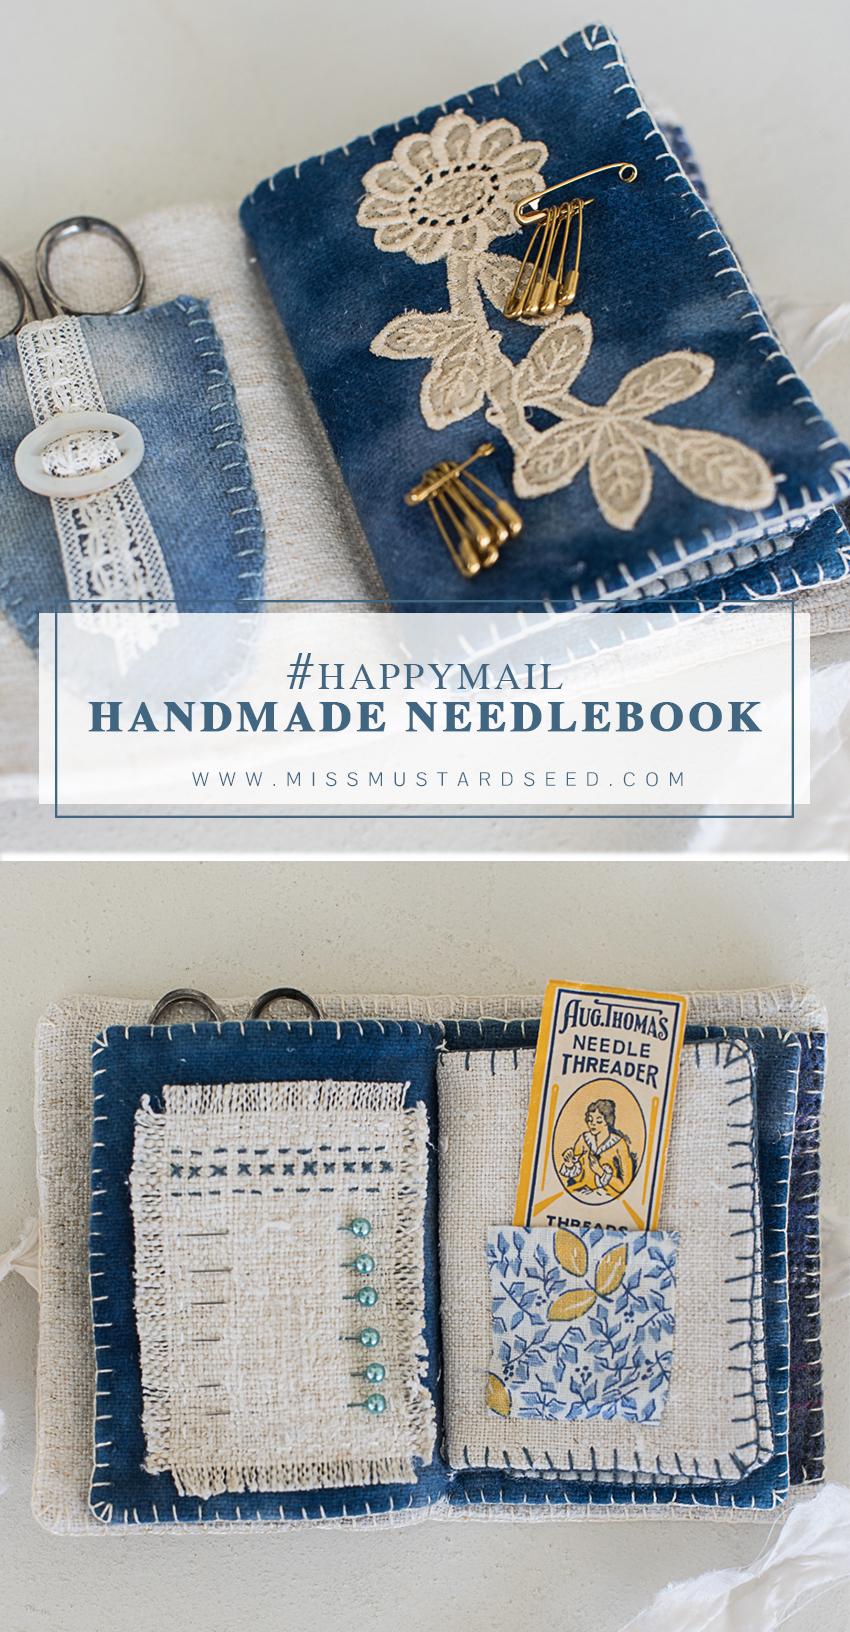 THE HANDMADE NEEDLEBOOK www.missmustardseed.com miss mustard seed